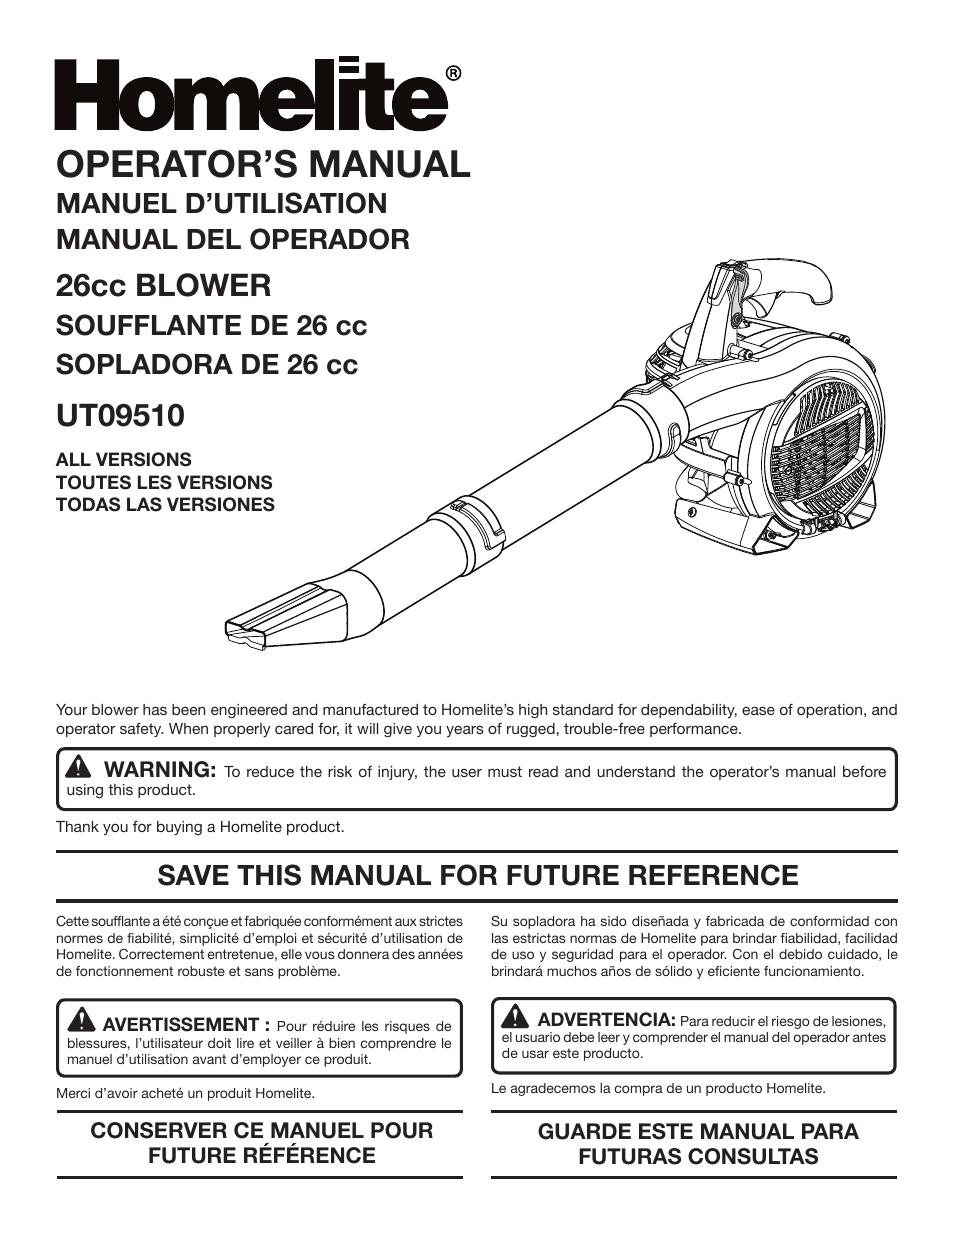 homelite ut09510 user manual 42 pages original mode rh manualsdir com Homelite Weed Eater Owner's Manual Homelite LR 5500 Repair Manual